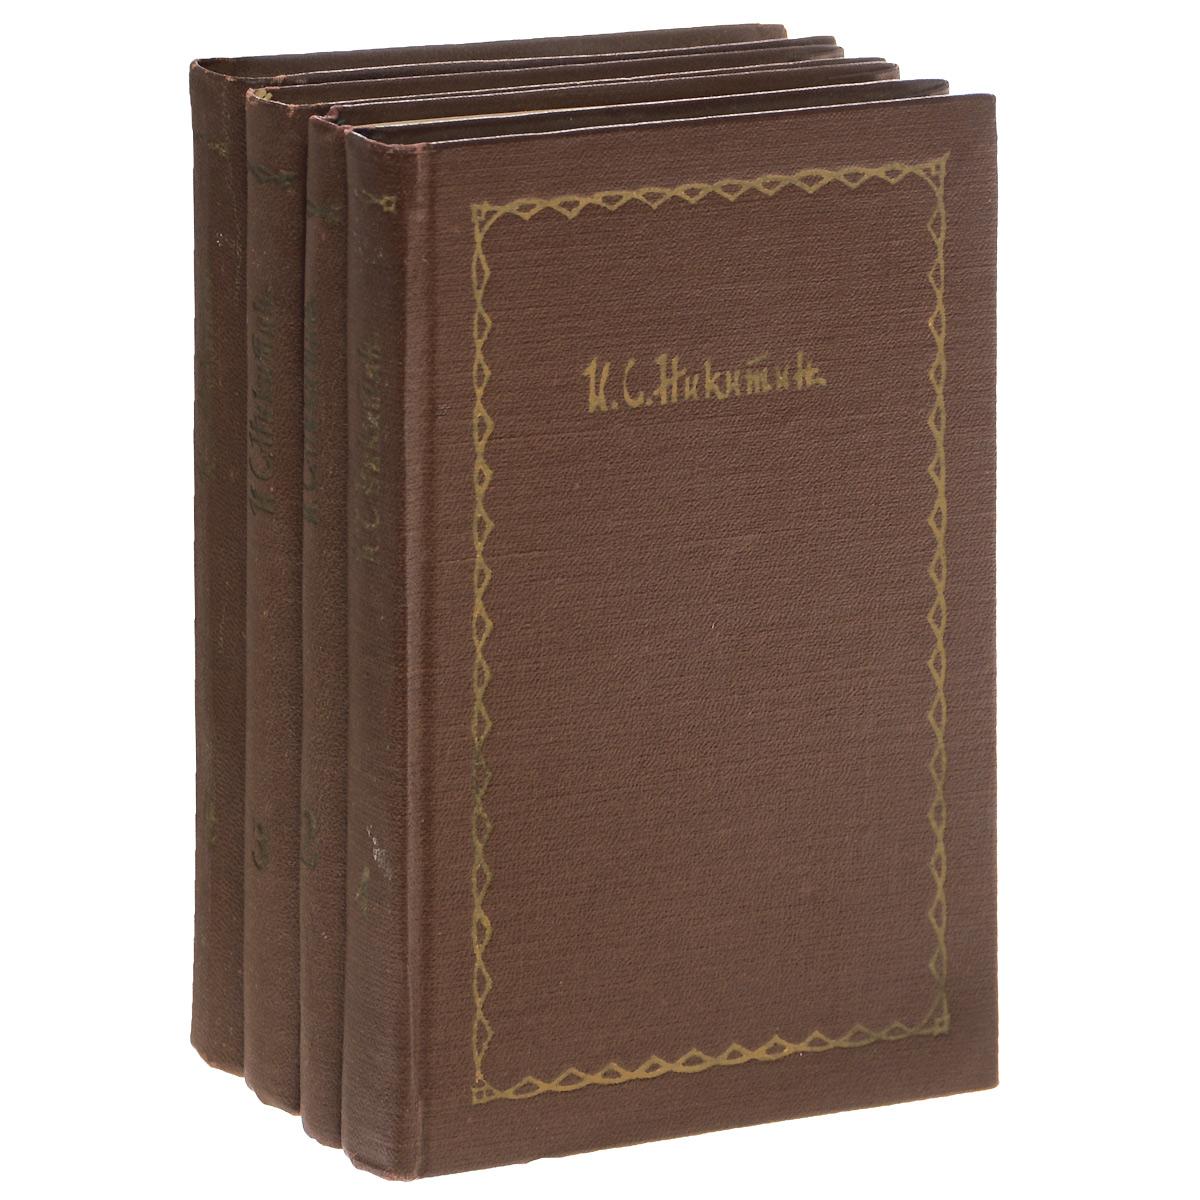 И. С. Никитин И. С. Никитин. Сочинения в 4 томах (комплект из 4 книг) цены онлайн